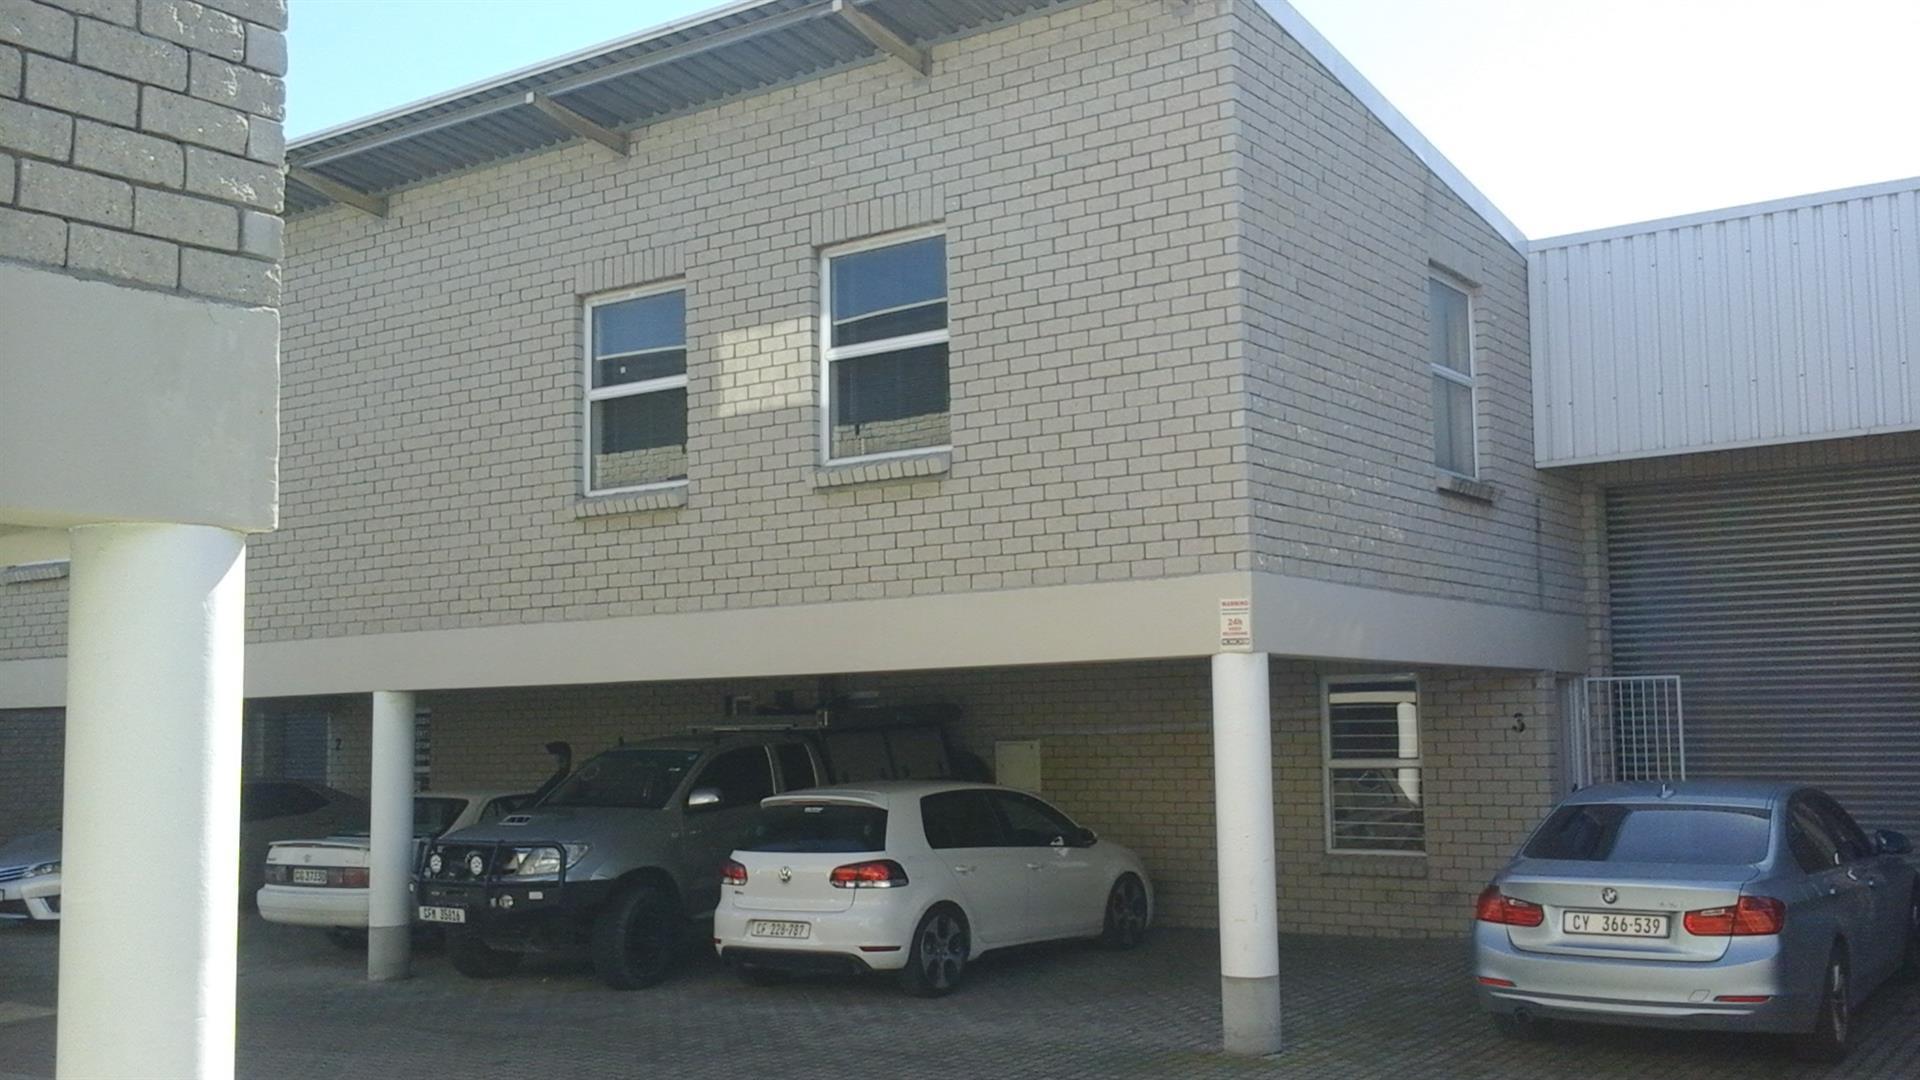 187 m2 Sectional Title Factory FOR SALE Saxenburg Park 2 Blackheath @ R 7 320 m2 = R 1 368 840 + VAT